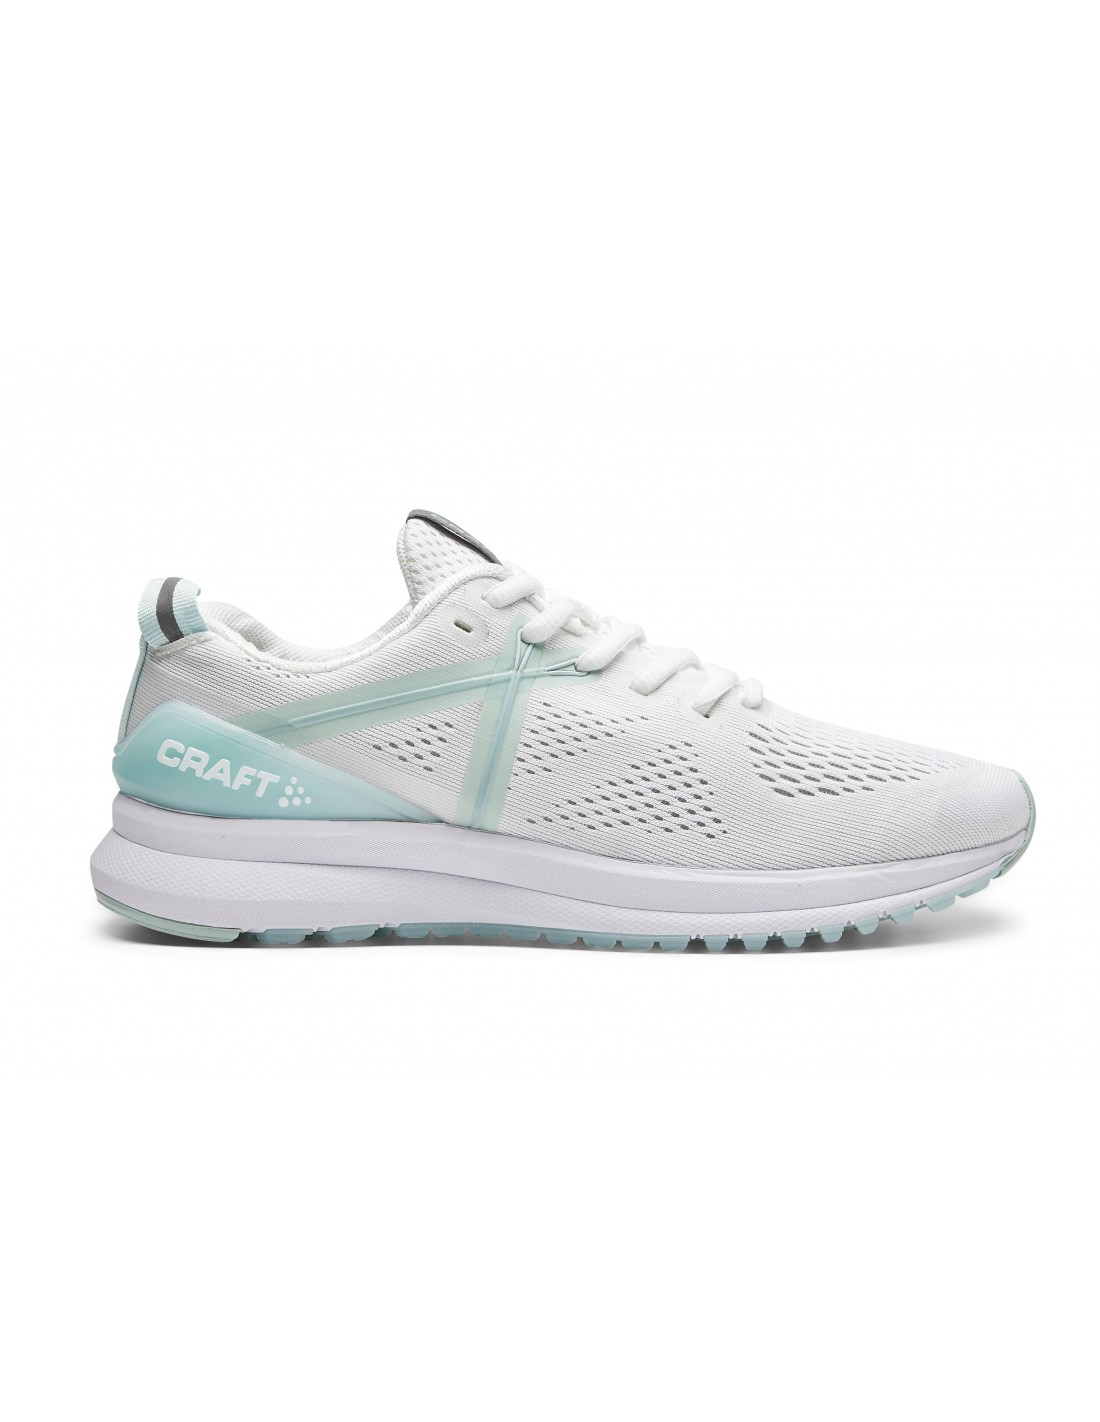 Buty biegowe damskie Craft X165 Fuseknit W, białe STSklep